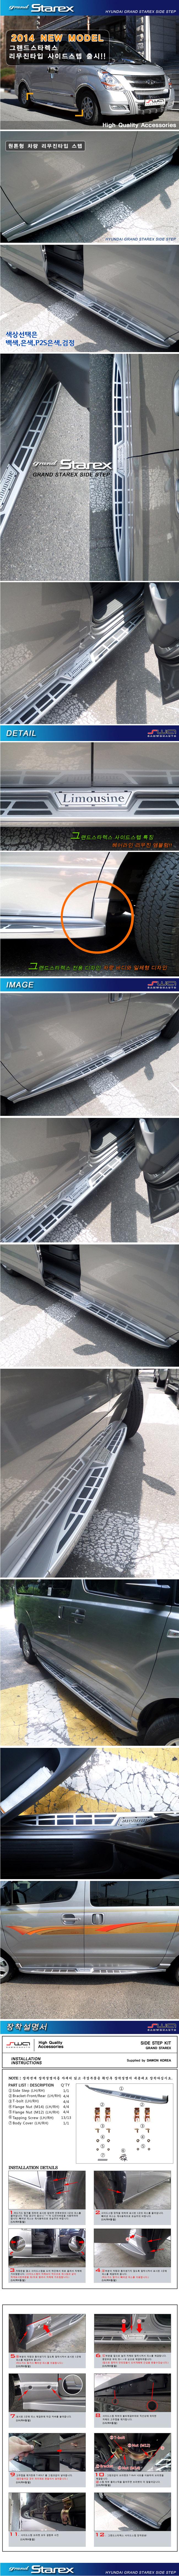 [SWA] 그랜드스타렉스 리무진타입 사이드스텝, 옆발판 (S-147) - 원톤형차량용